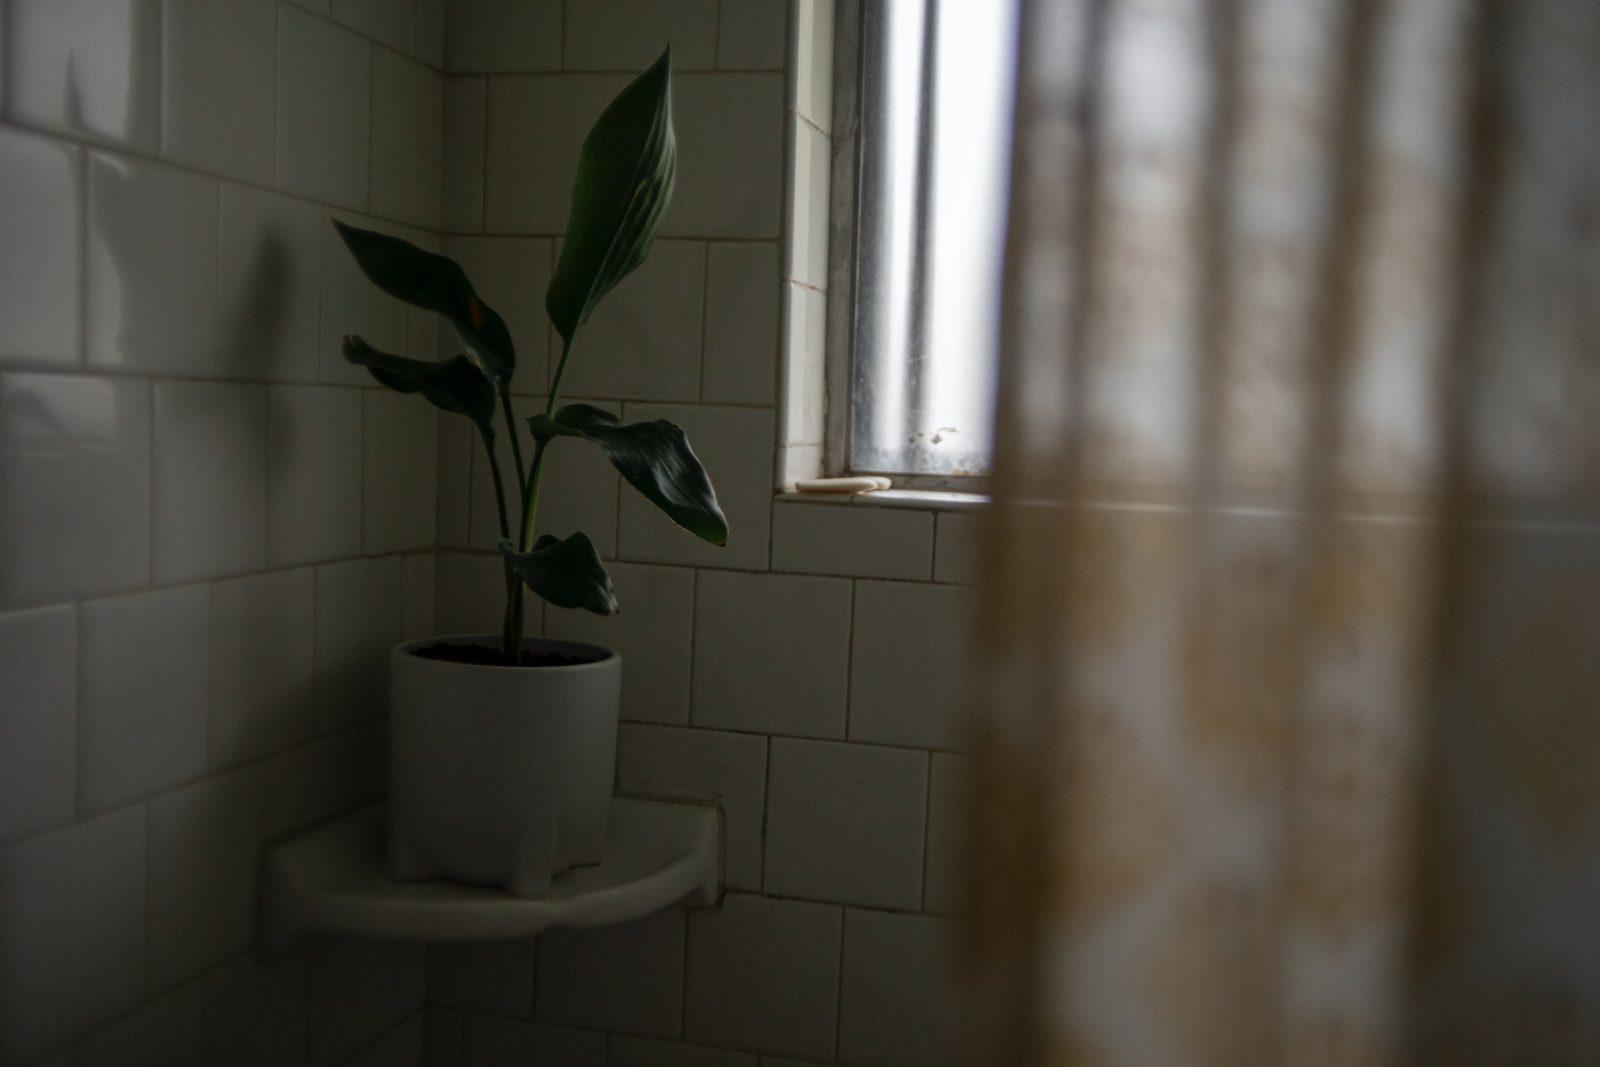 jakie rośliny do łazienki